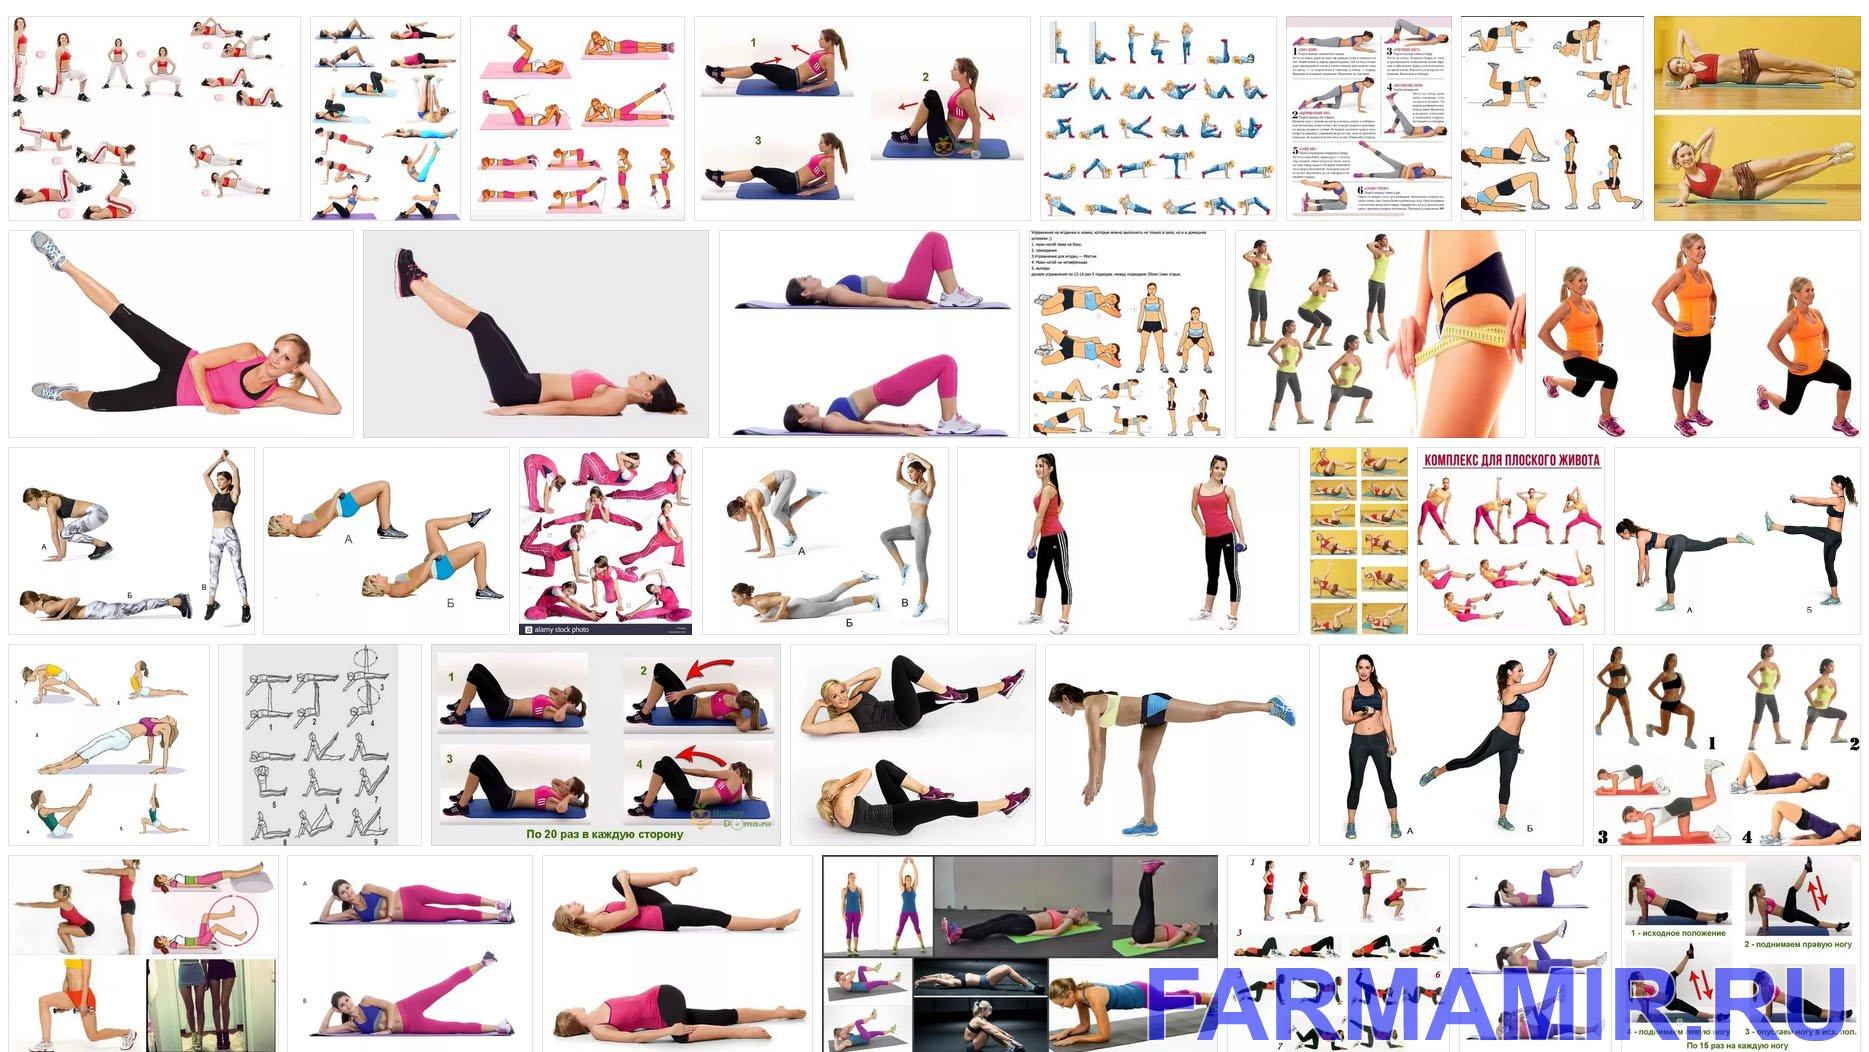 вами упражнения для похудения в боках с картинками полностью автоматизированы управляются